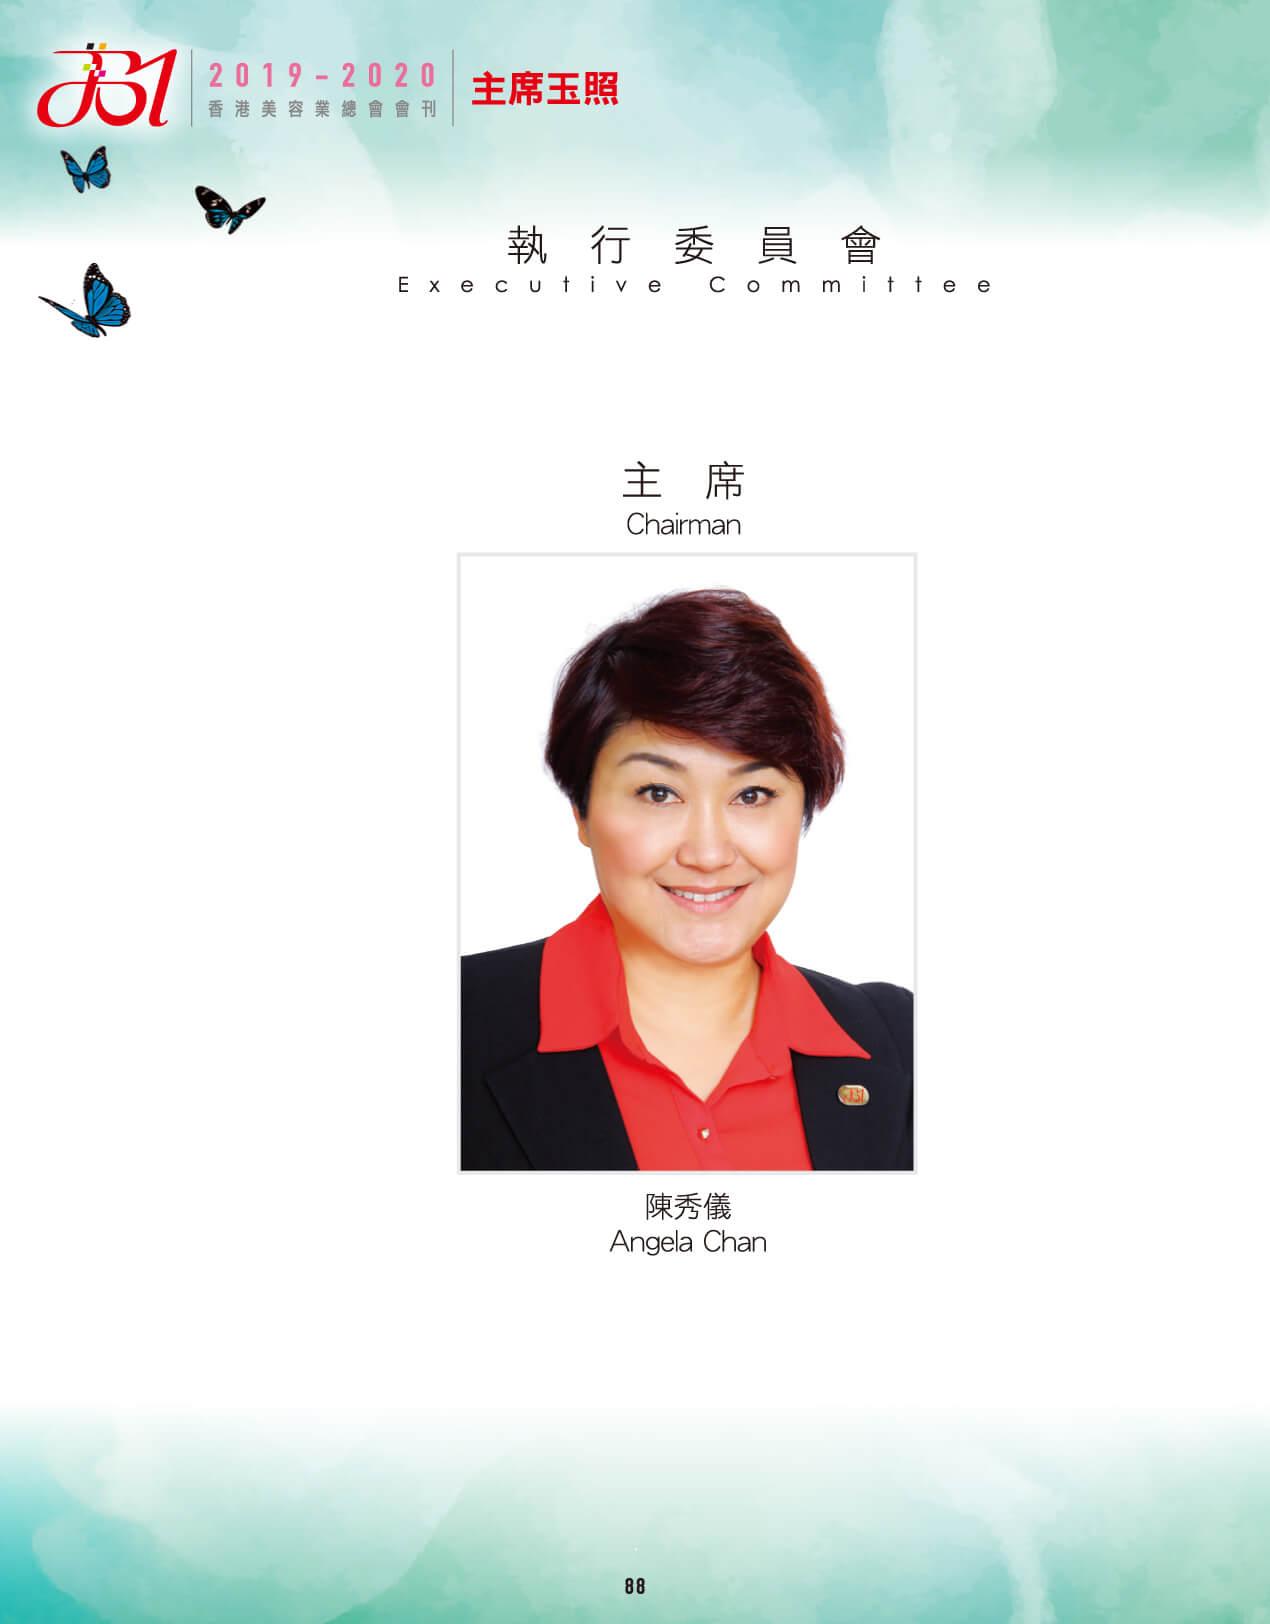 P088-2019-2020-FBi-Executive Committee